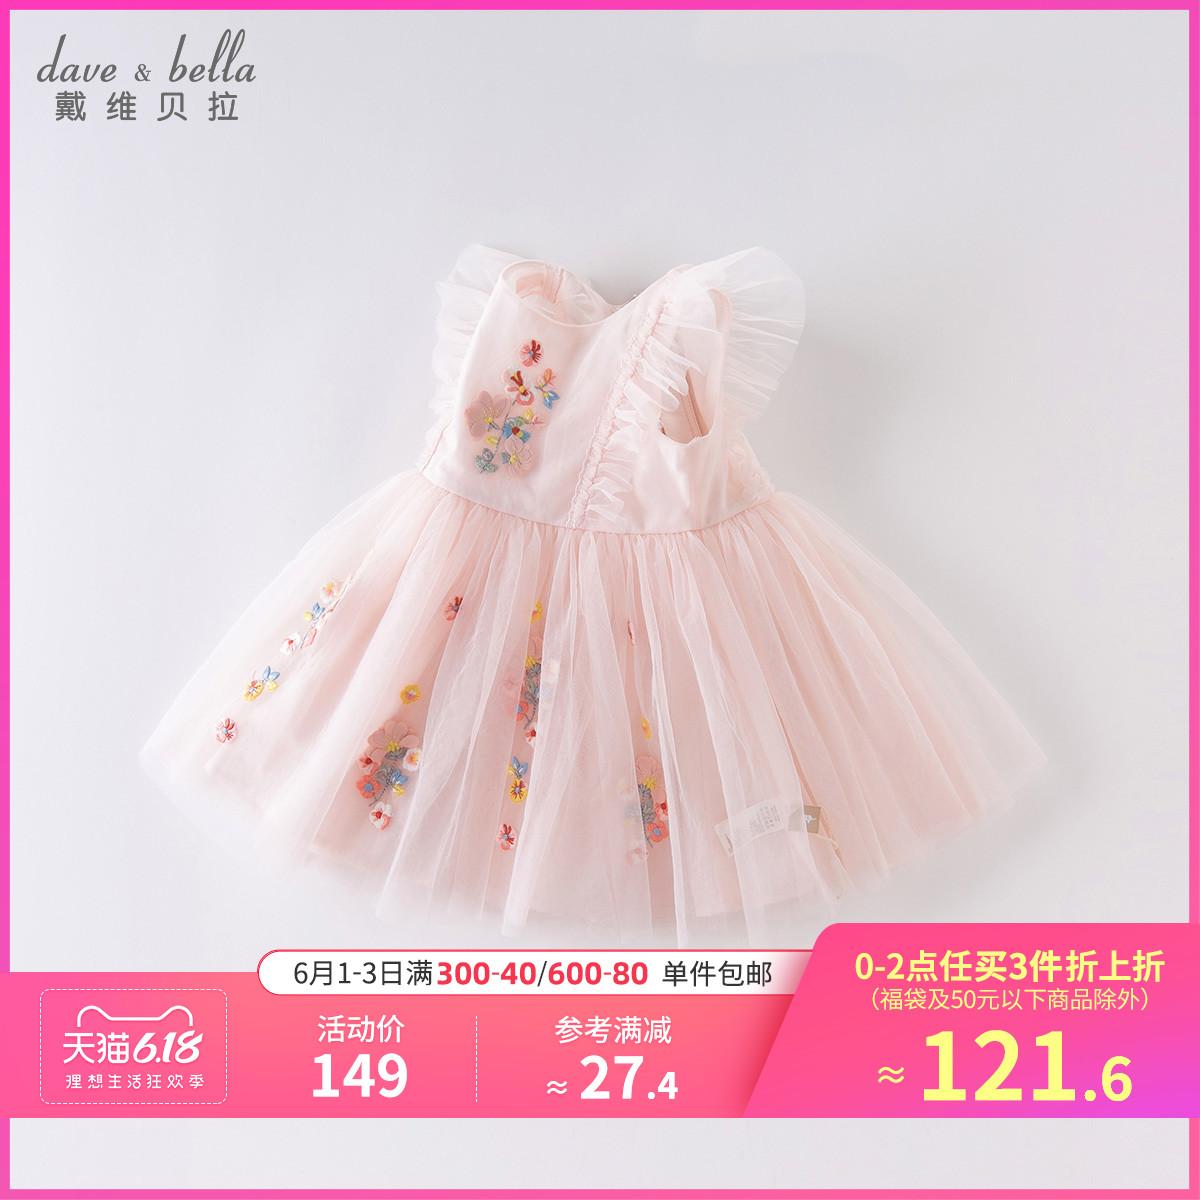 戴维贝拉2020夏装新款女童连衣裙宝宝洋气公主裙蓬蓬裙儿童裙子